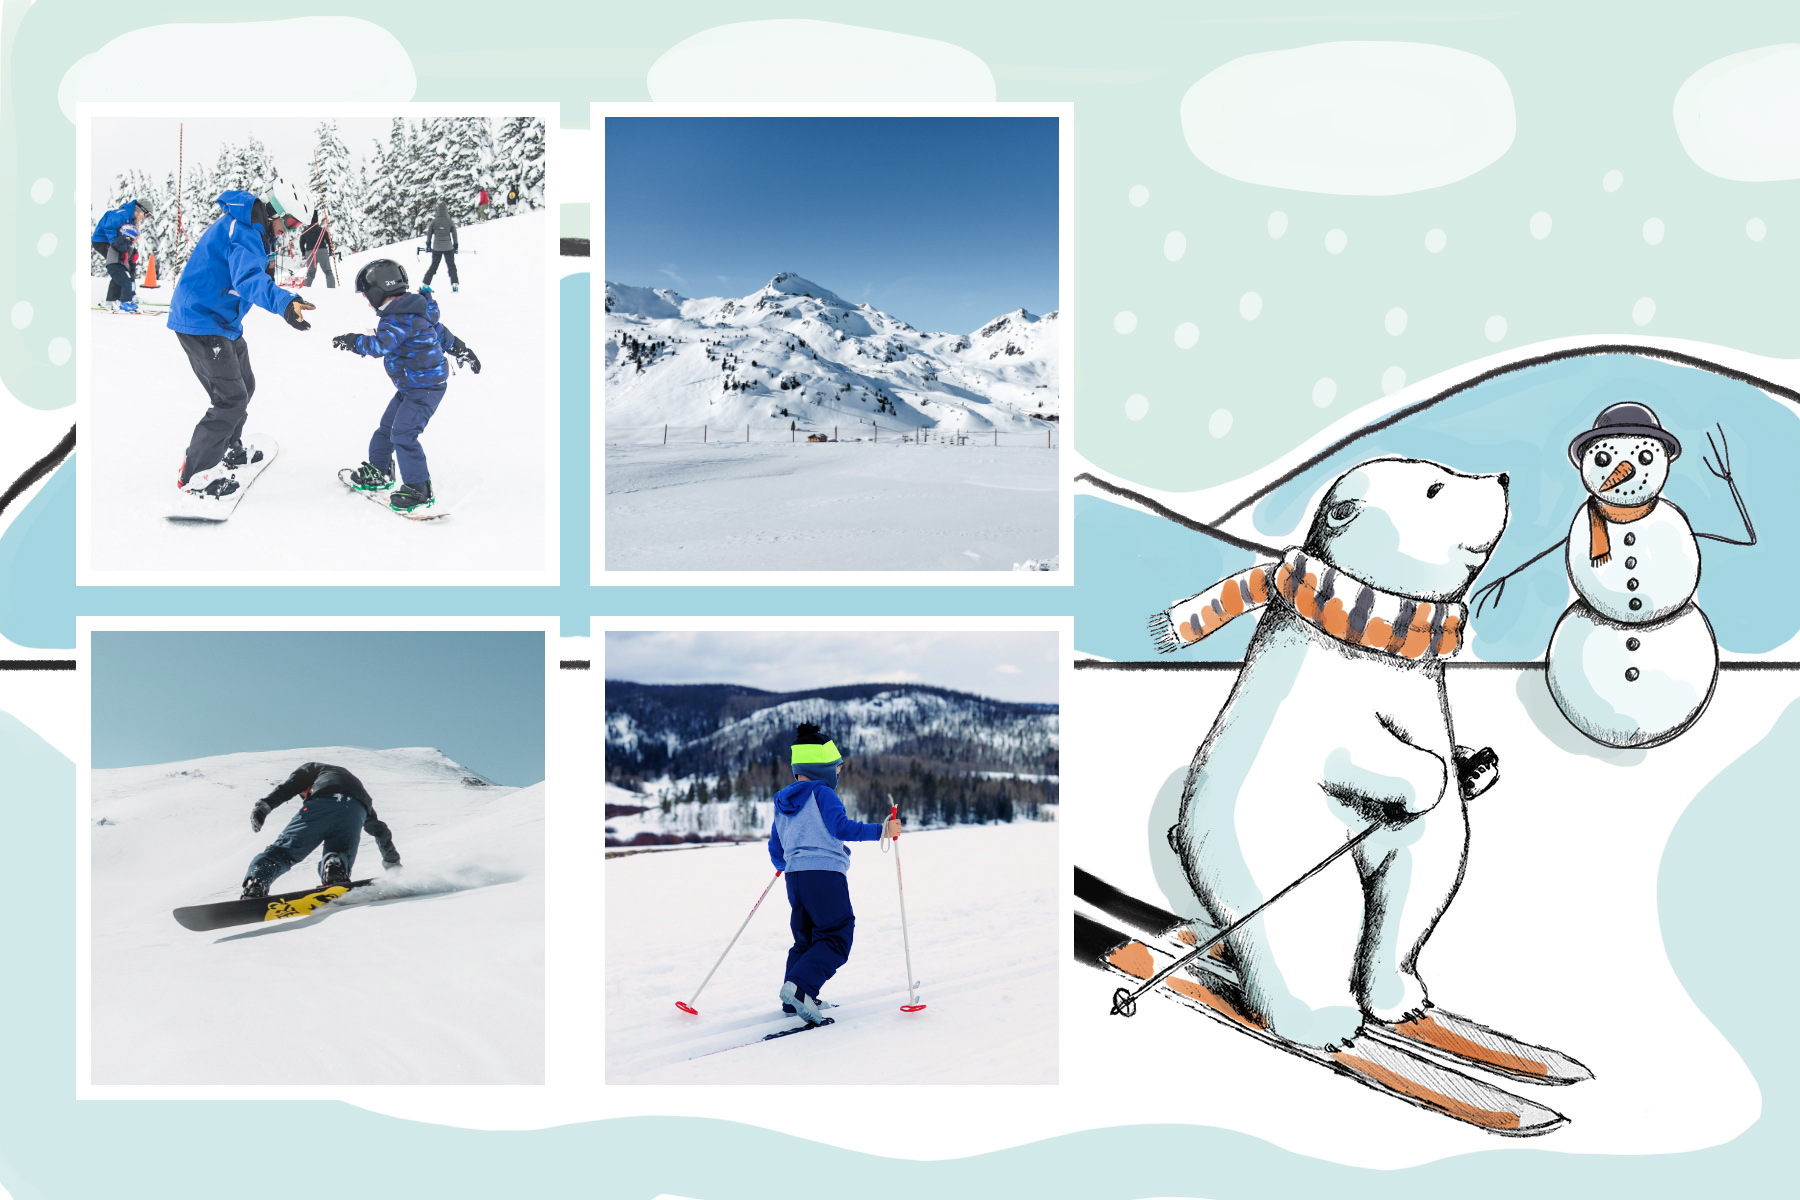 polar bear on skis and snowman